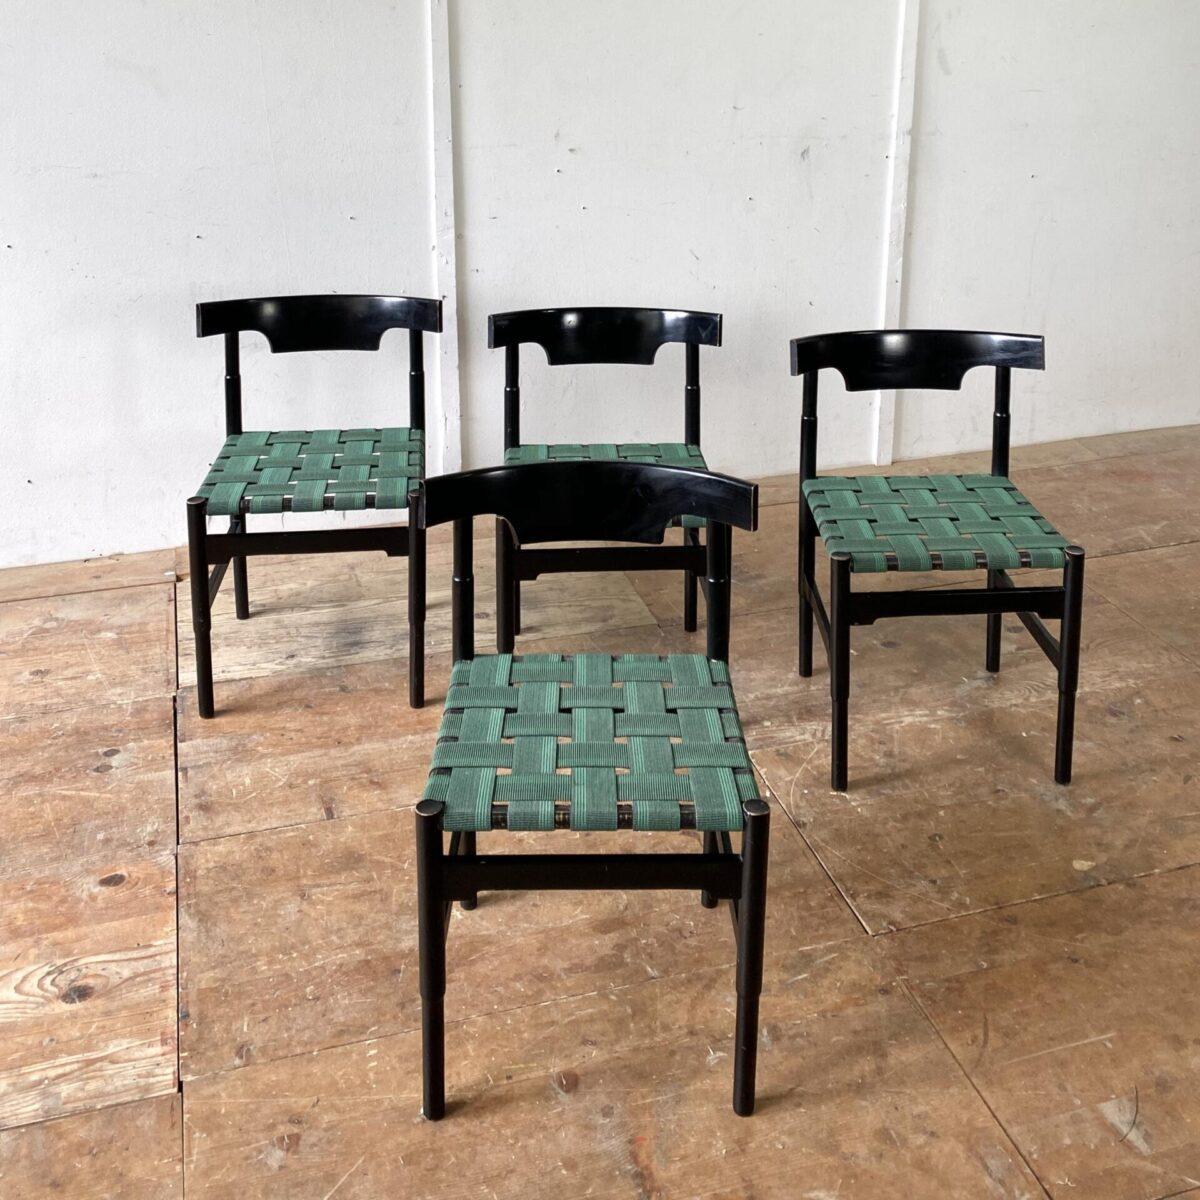 Deuxieme.shop swissdesign Willy Guhl Stühle. 4er Set Esszimmer Stühle. Buchenholz schwarz lackiert, Sitzfläche mit Gummi Bändern bespannt. Die Stühle sind in stabilem guten vintage Zustand. Ein Hersteller ist nicht bekannt.